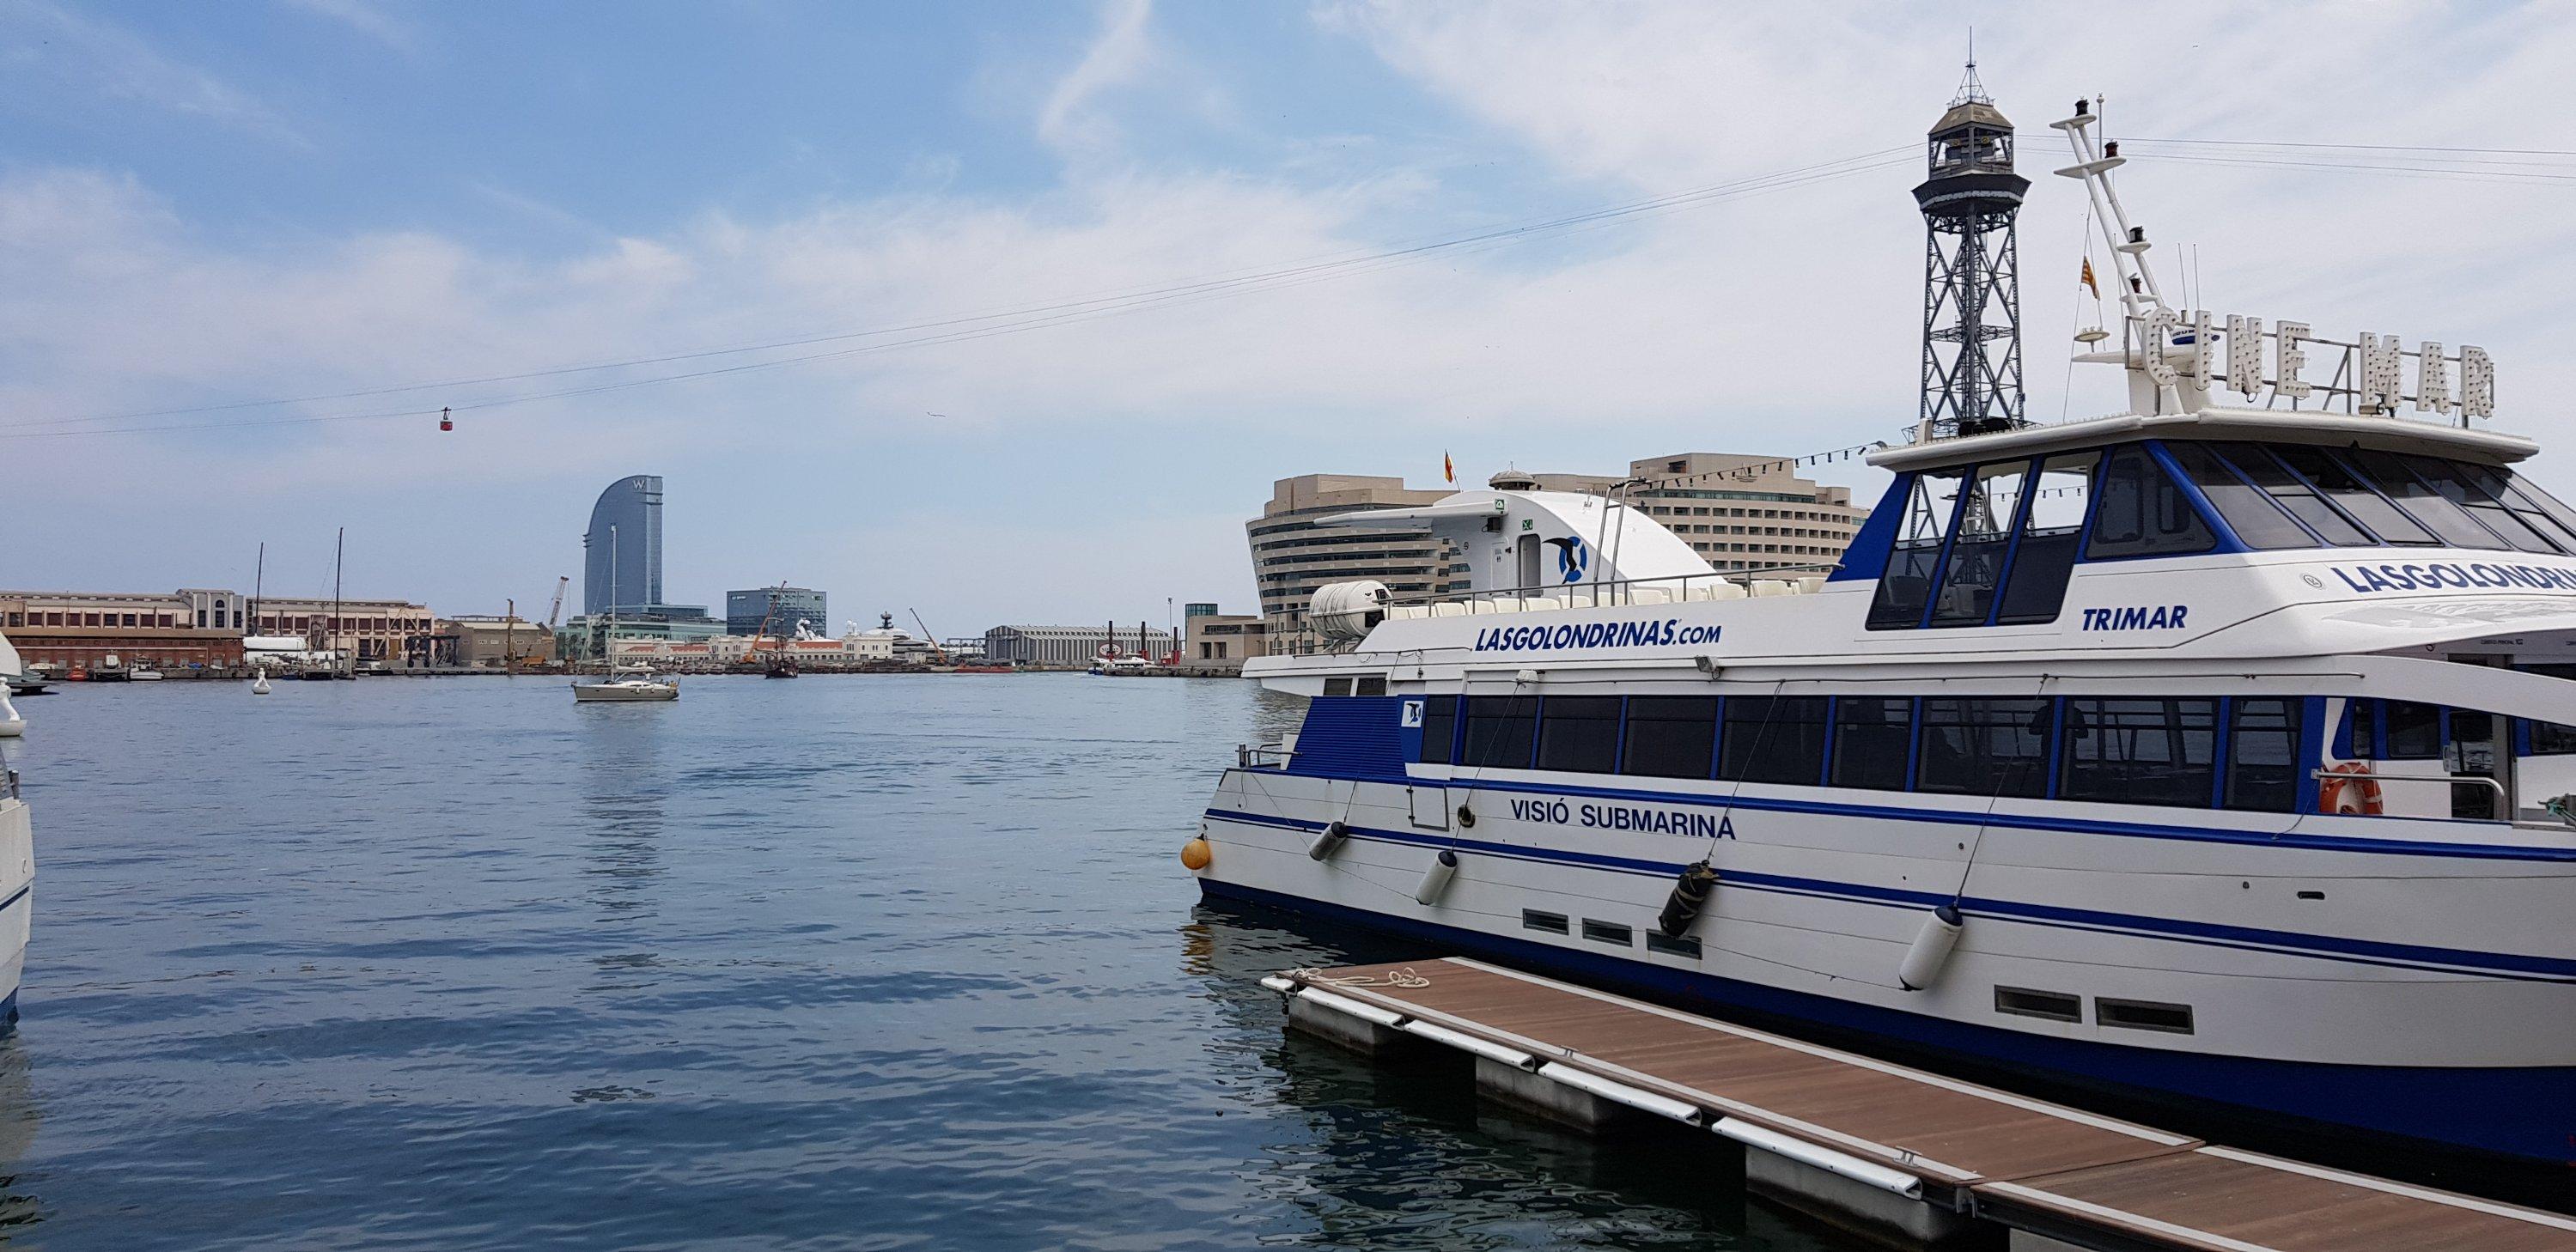 De haven van Barcelona